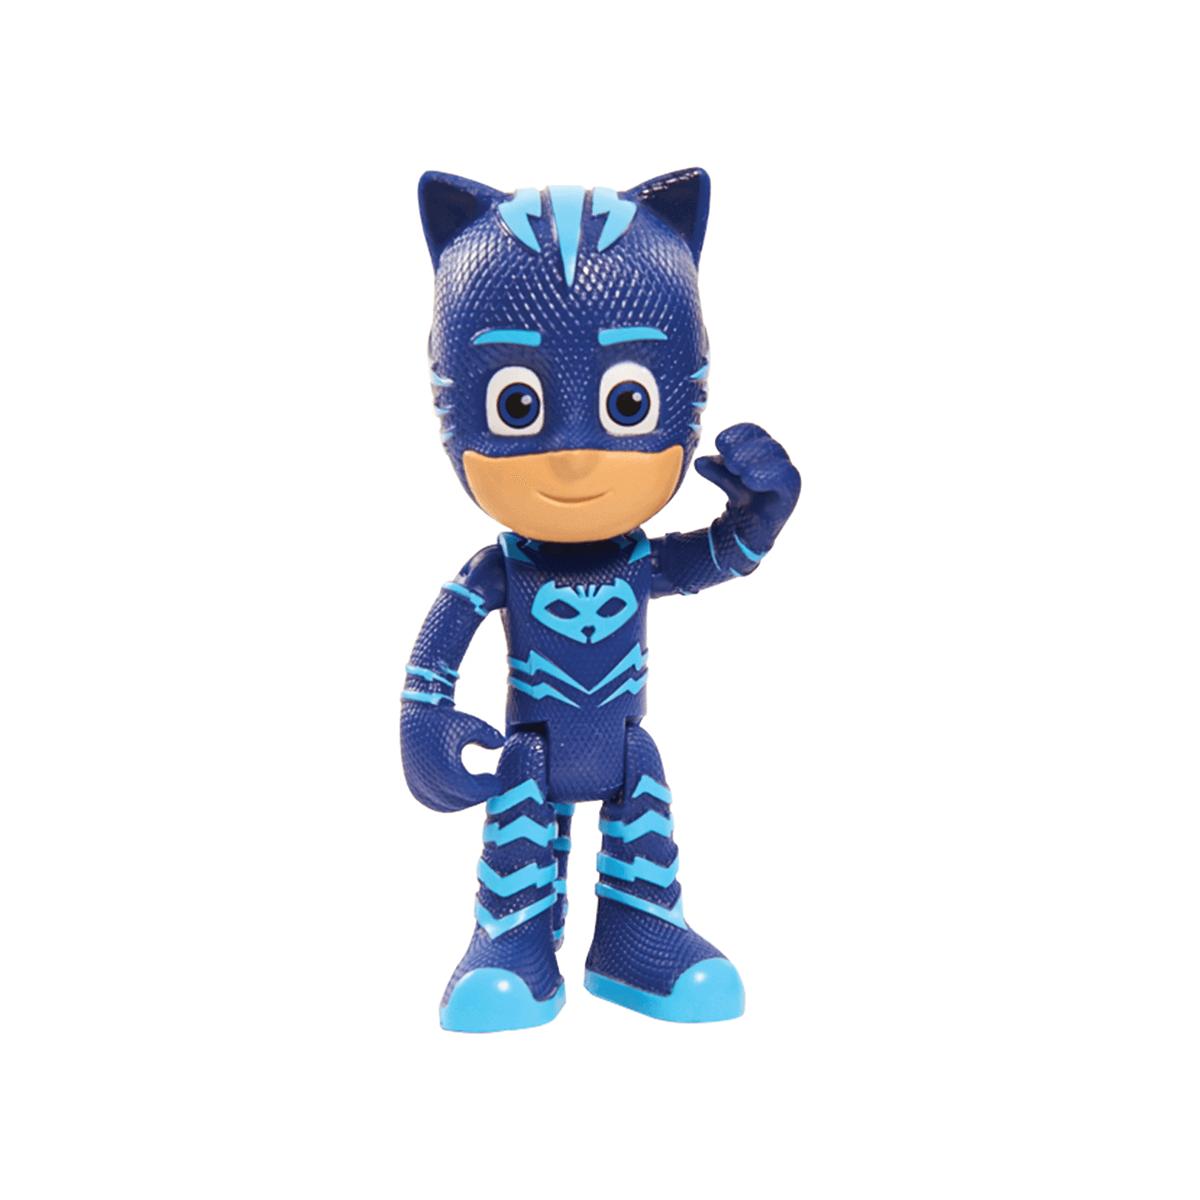 Pj Masks Figure Cat Boy The Entertainer